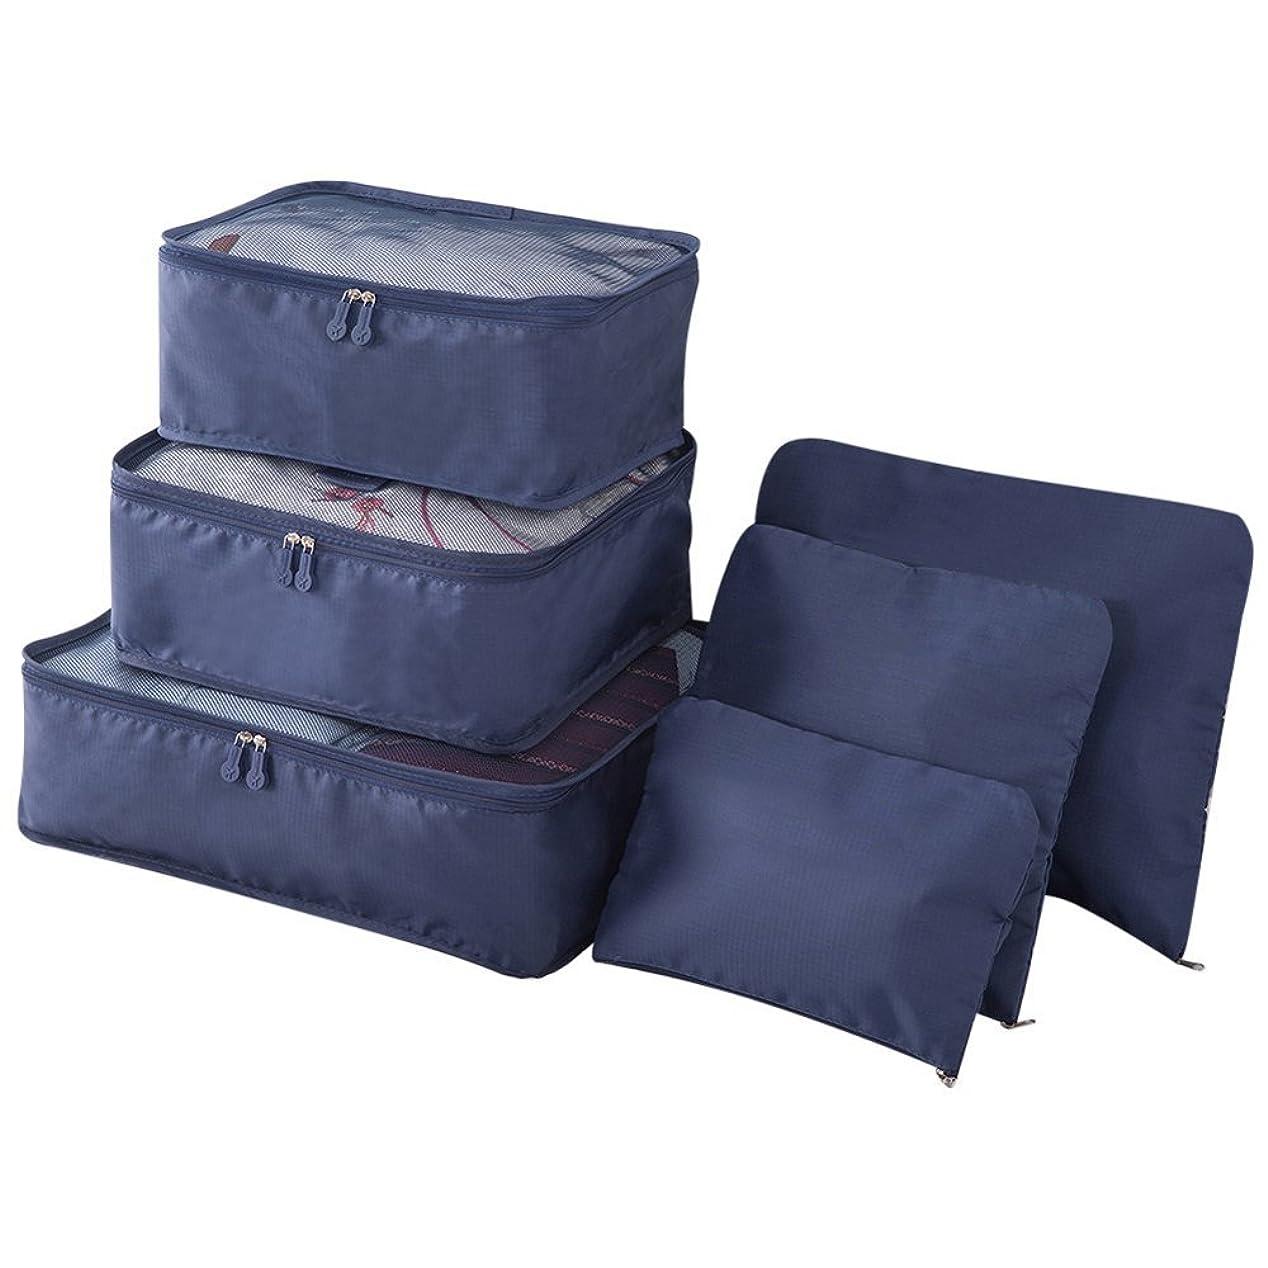 破壊的松報酬のDocooler 荷物トラベルバッグ バッグスーツケース 6本/セット 軽量 ファッション ダブルジッパー 防水 ポリエステル パッキング圧縮パウチ